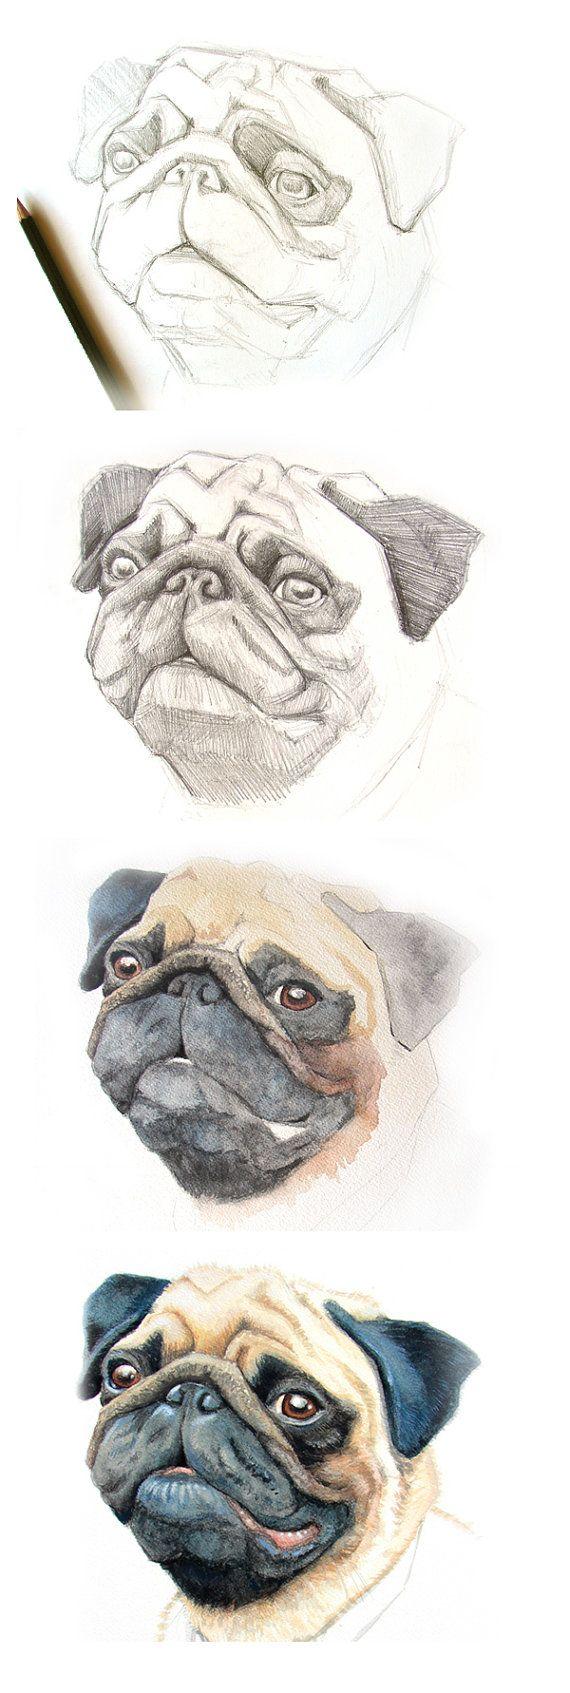 Retrato de un cachorro pug. Cuando la inspiración llega, grandes cosas pueden hacerse